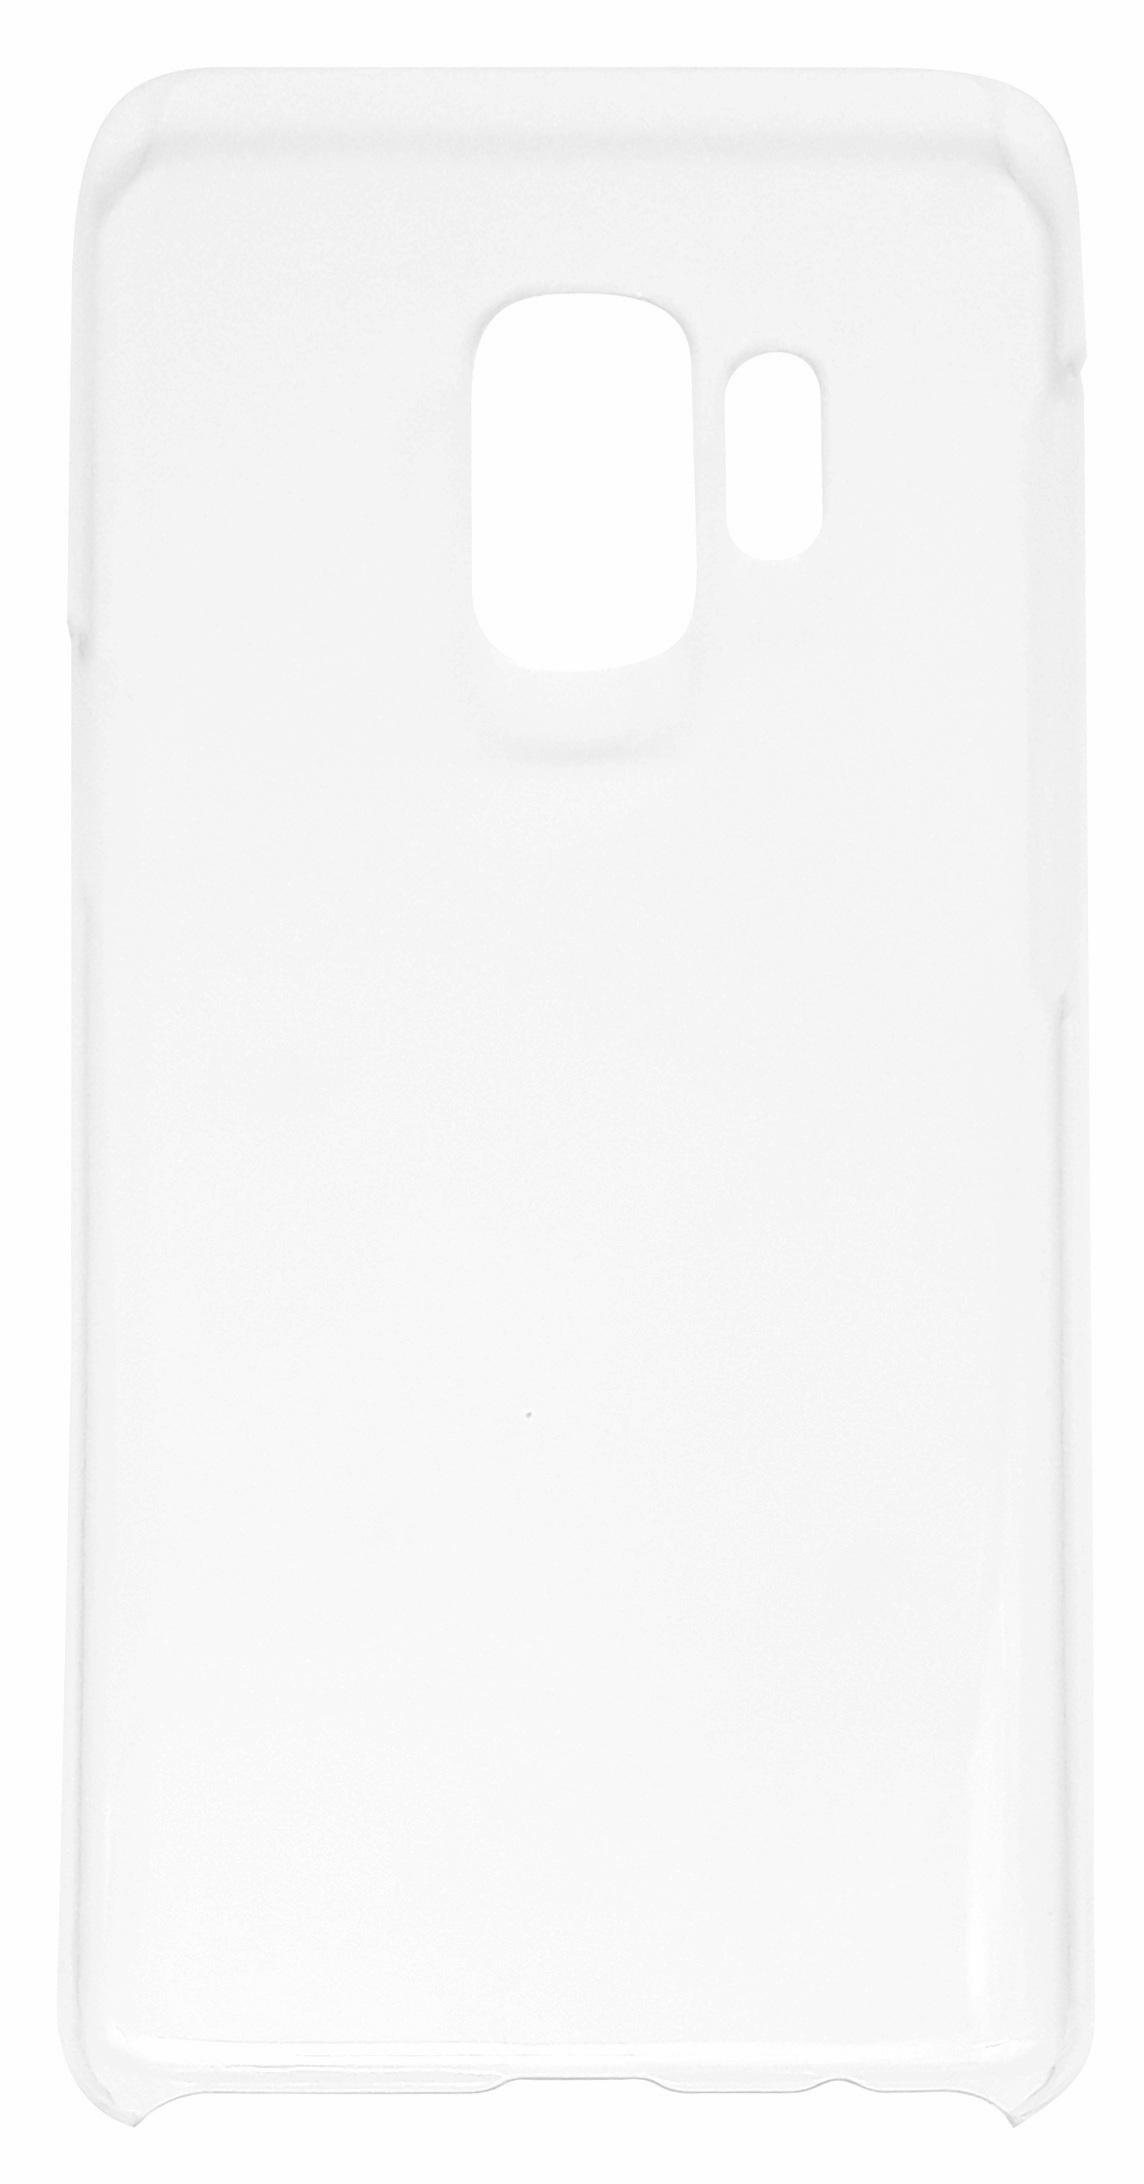 Husa capac spate Zmeurino transparent pentru Samsung Galaxy S9 Plus